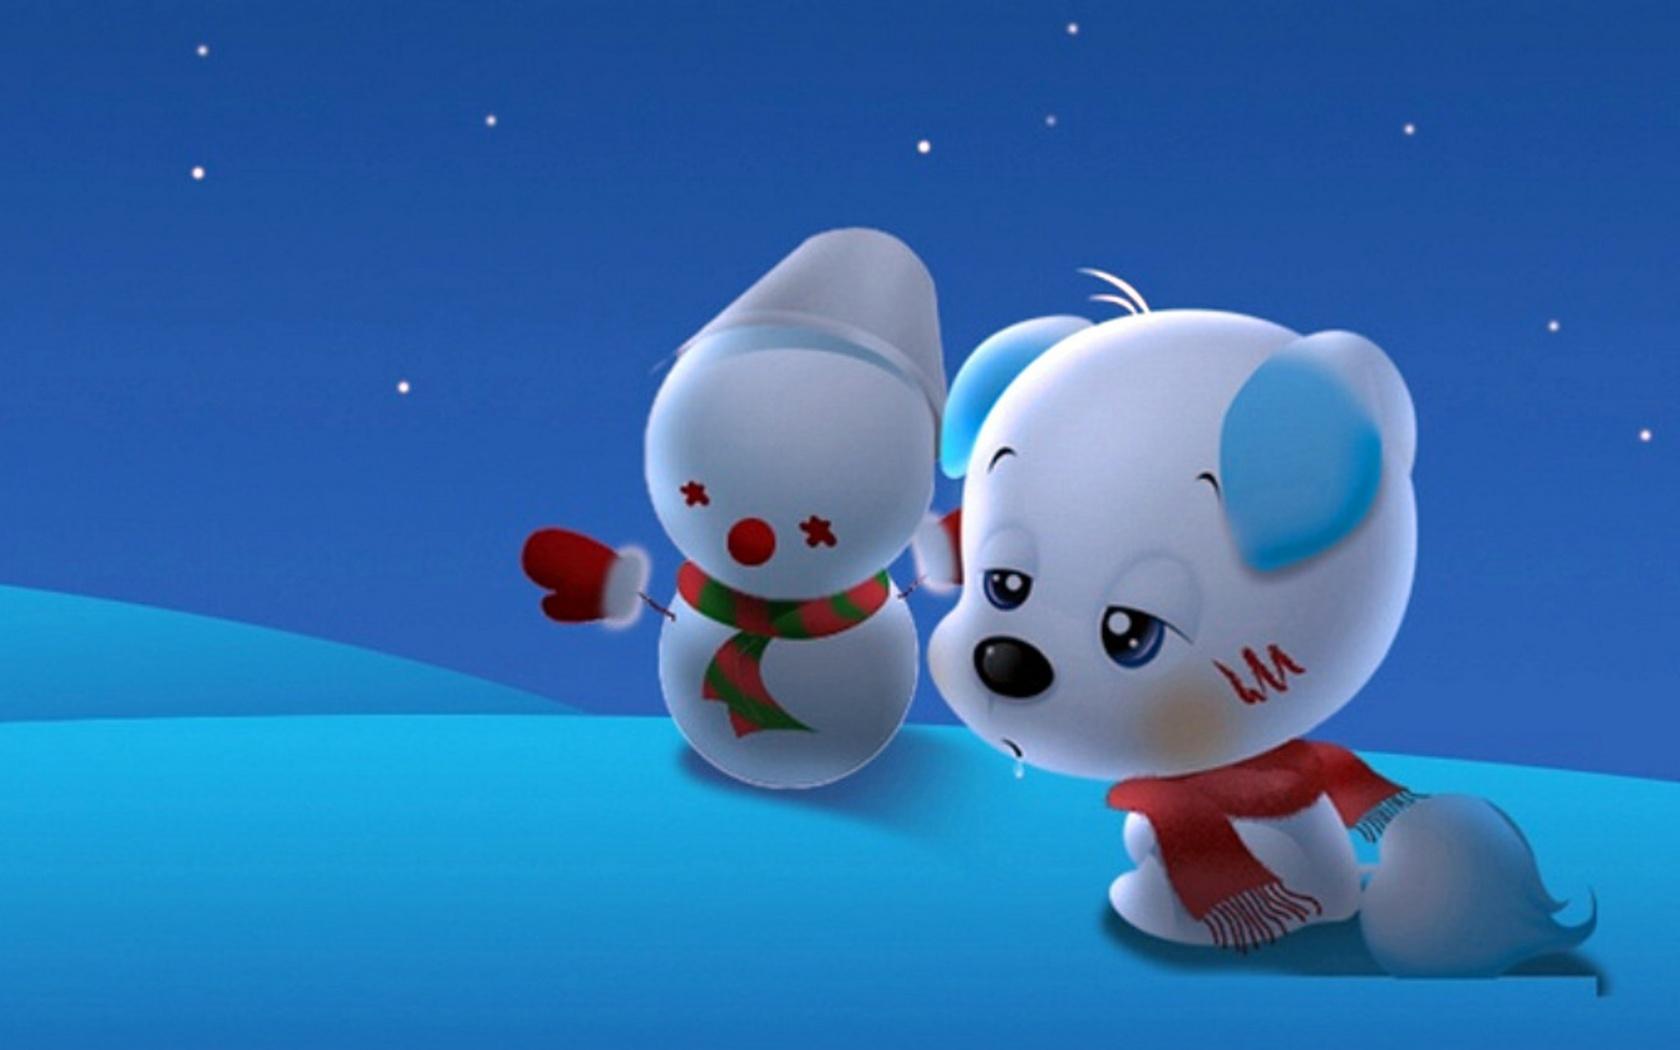 Cartoon Puppy Wallpapers Cute Cartoon Puppy Wallpaper download 1680x1050